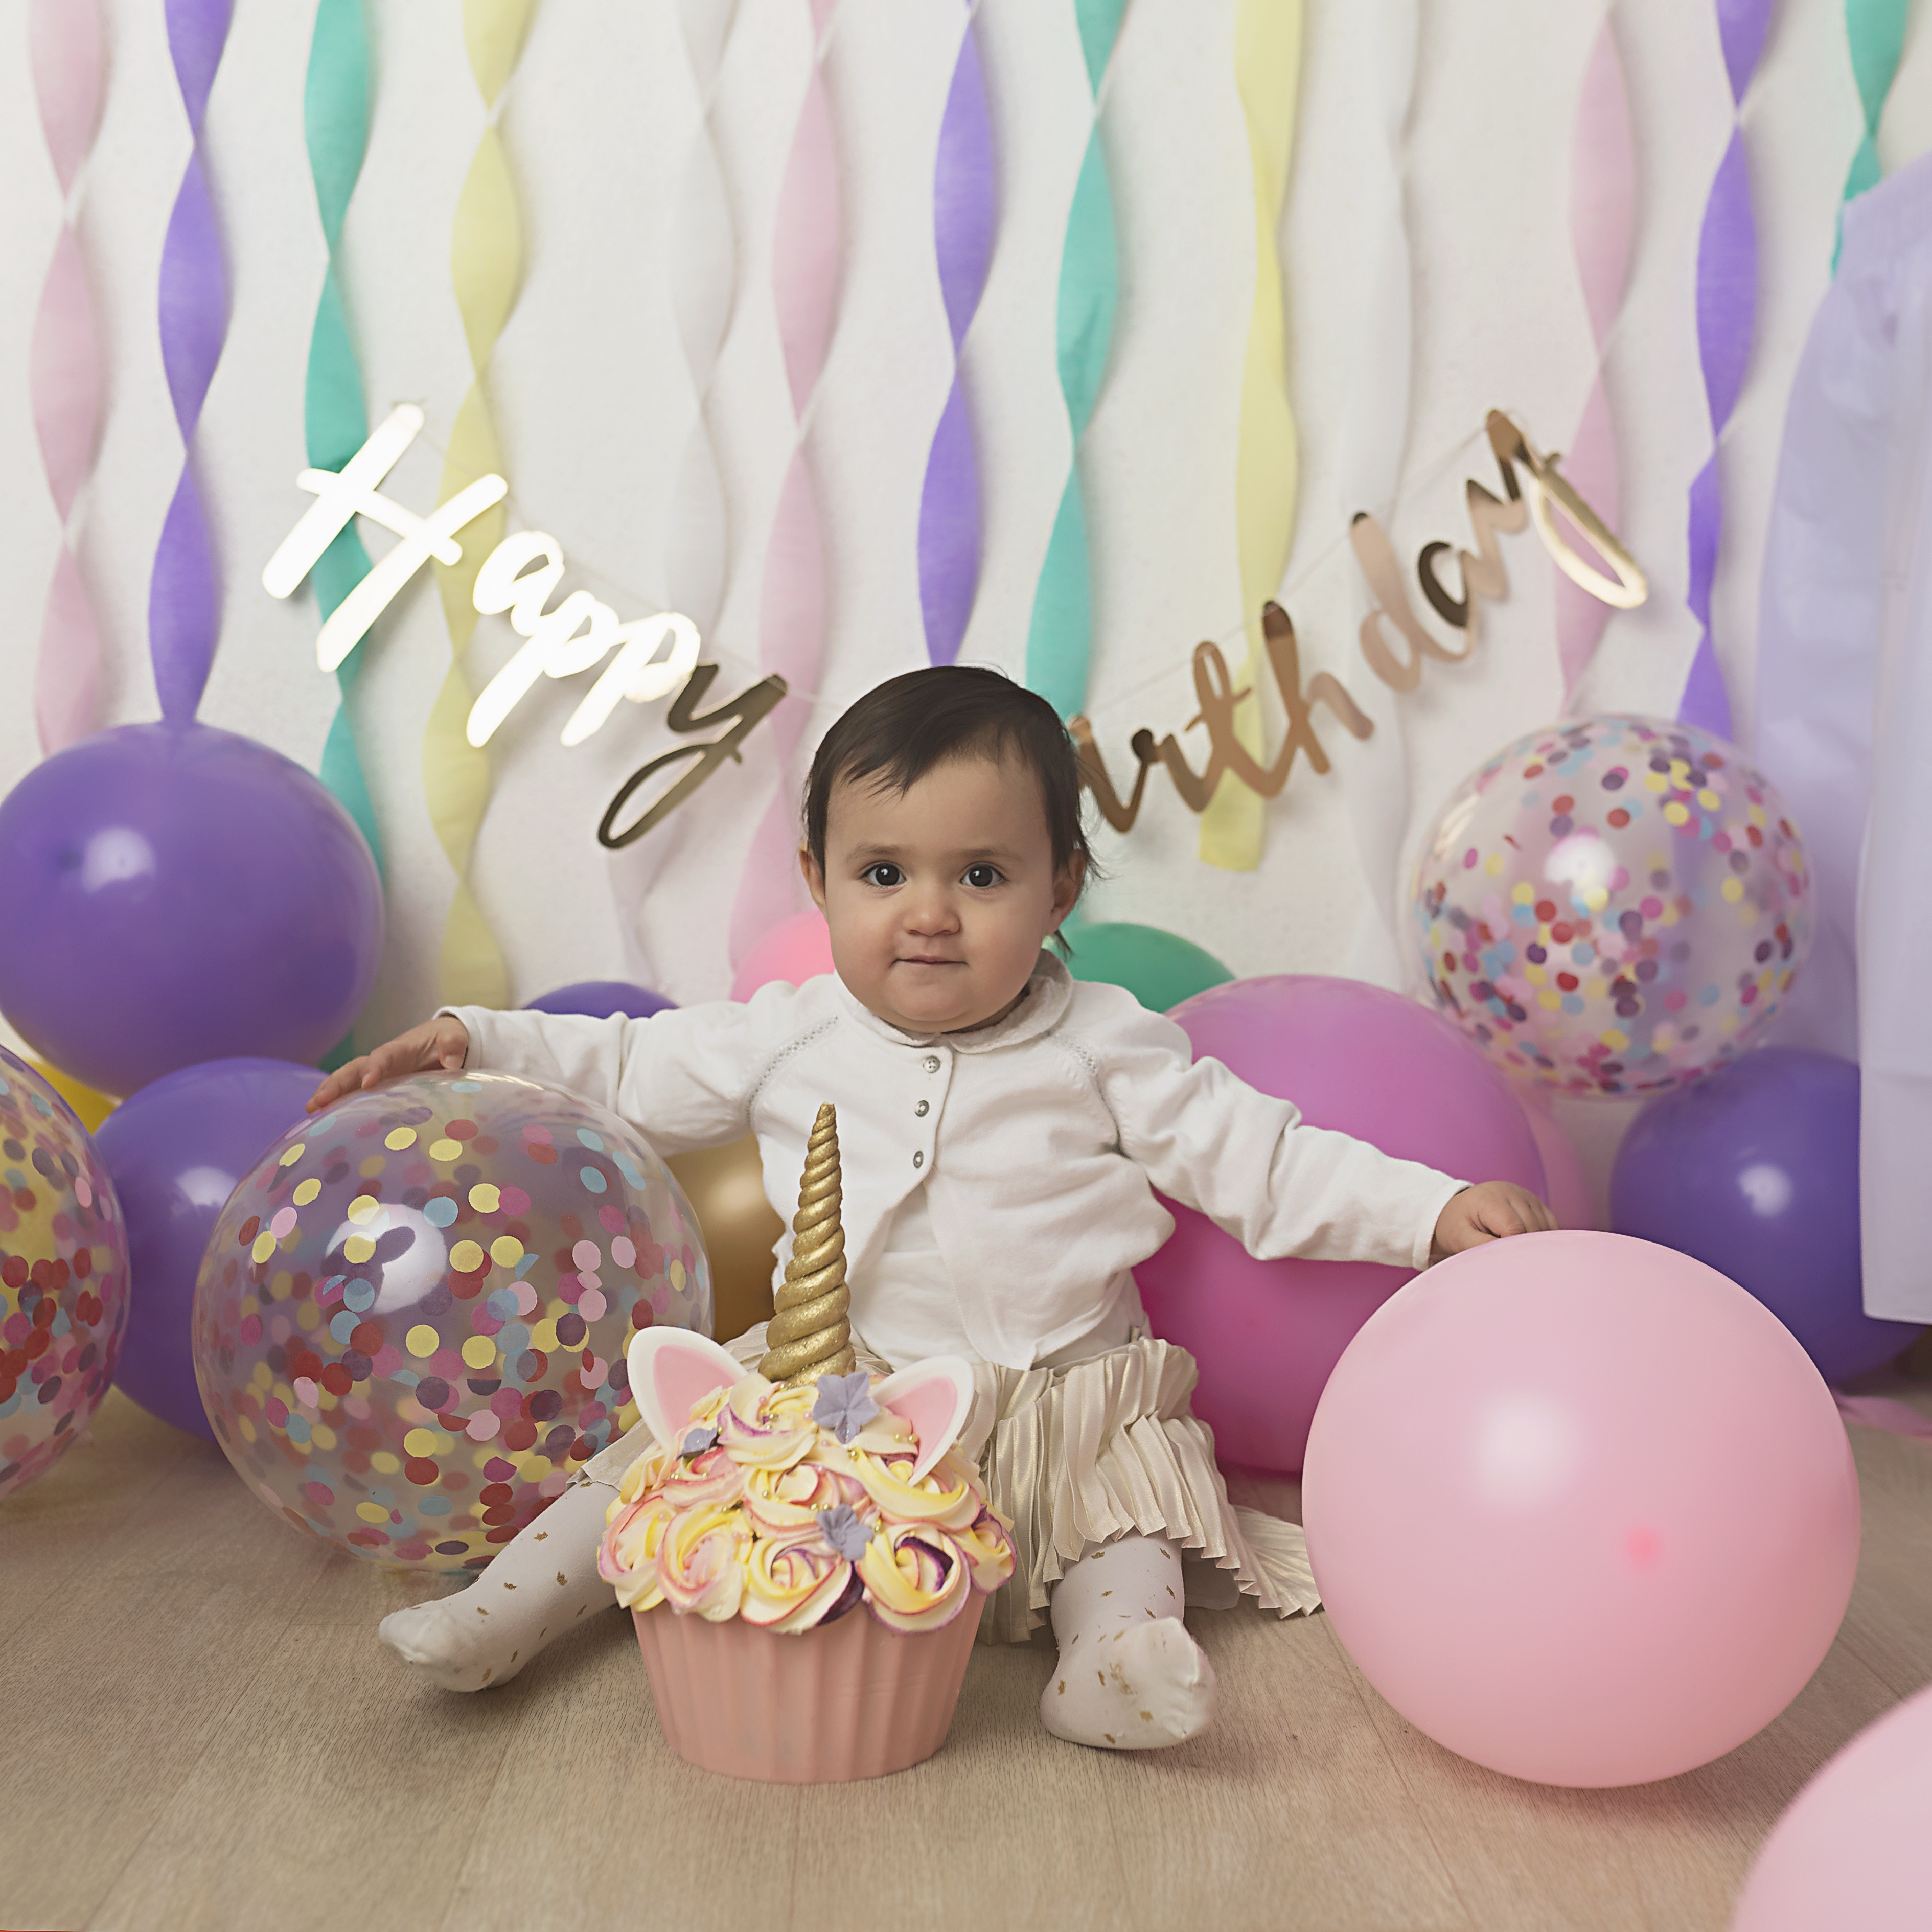 nouveau bébé fille 4 Simple papier DECOUPIS serviettes elle est une fille -914 rose cup cake